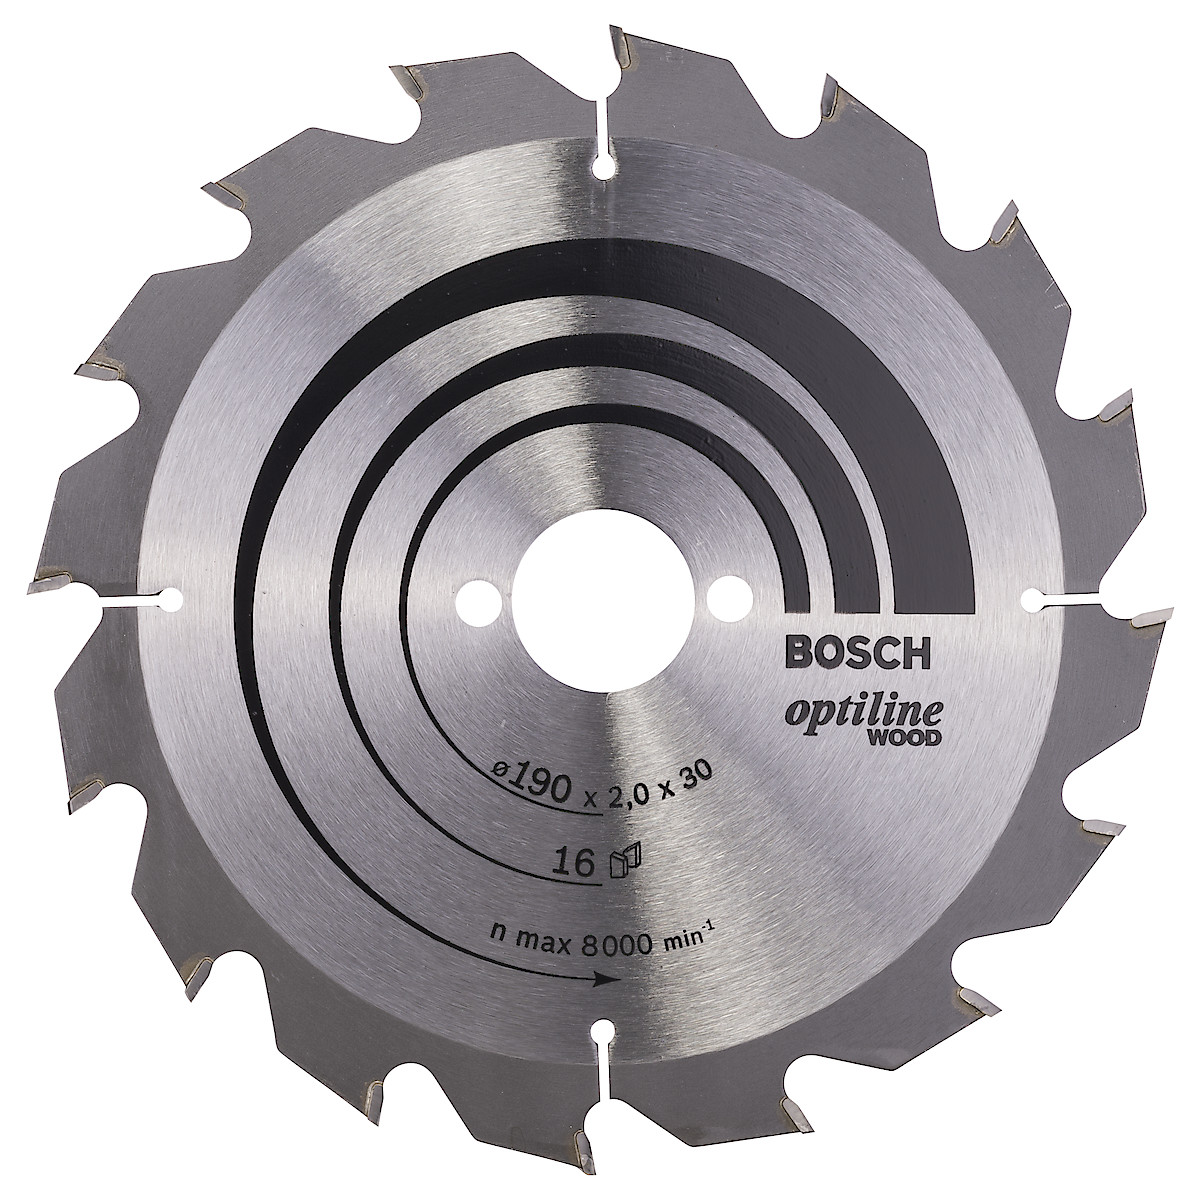 Hårdmetallklinga Bosch Optiline, 190 mm